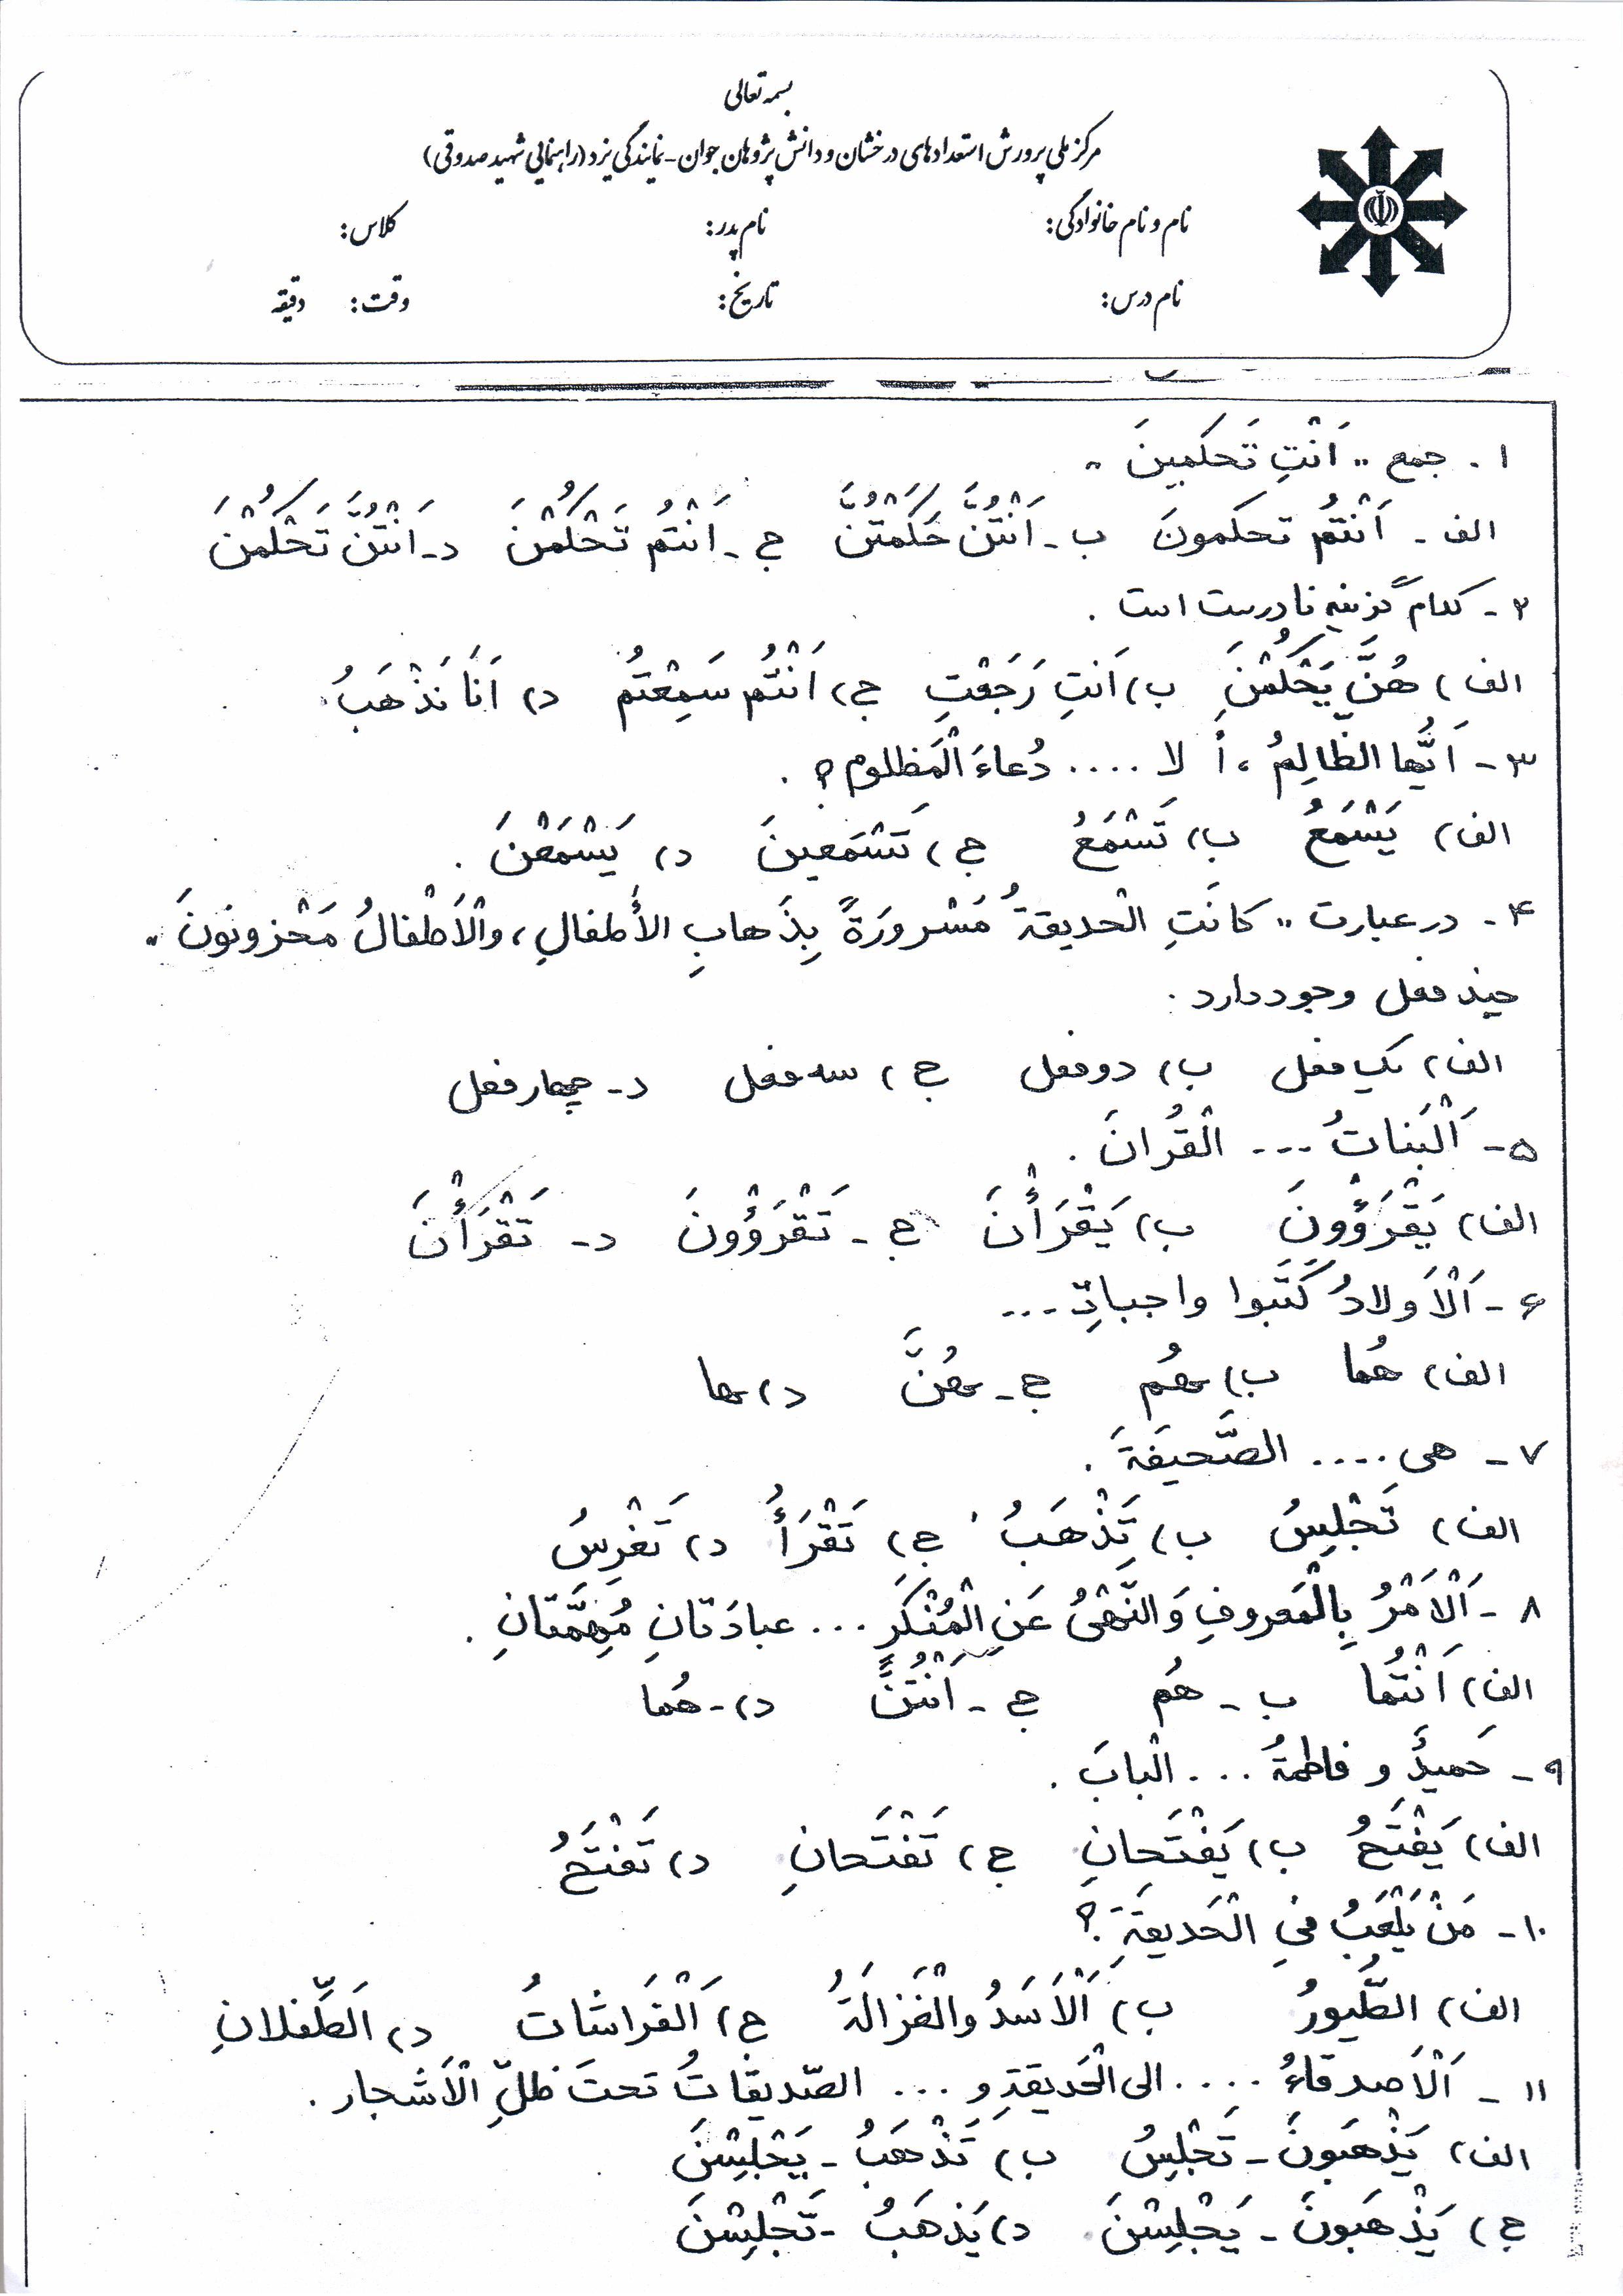 نمونه سوالات عربی دوم راهنمایی